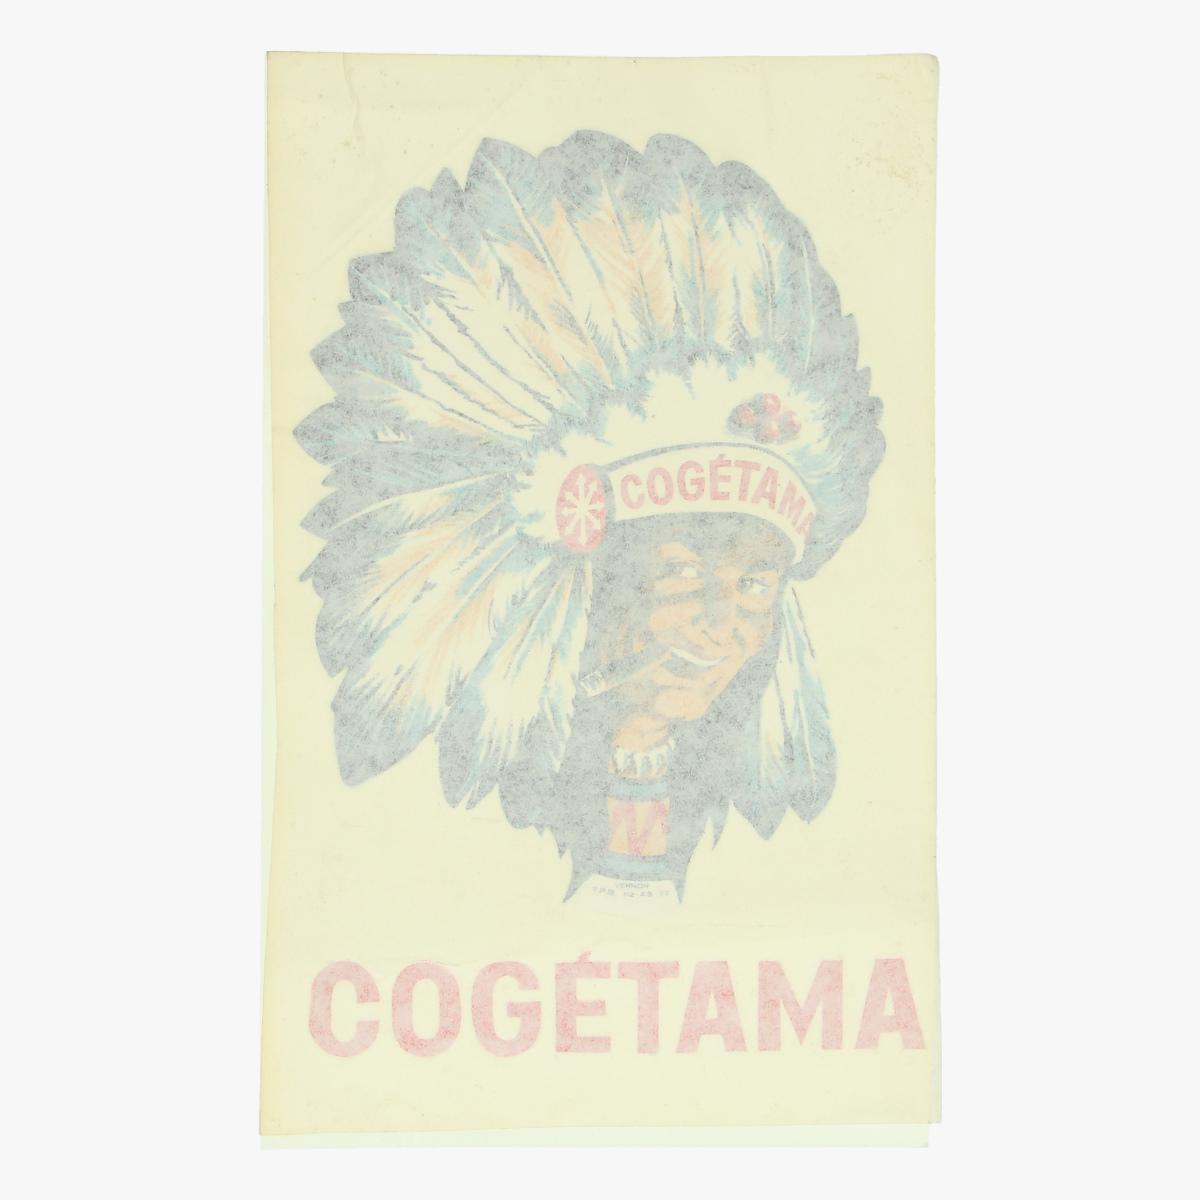 Afbeeldingen van oude sticker cogetama